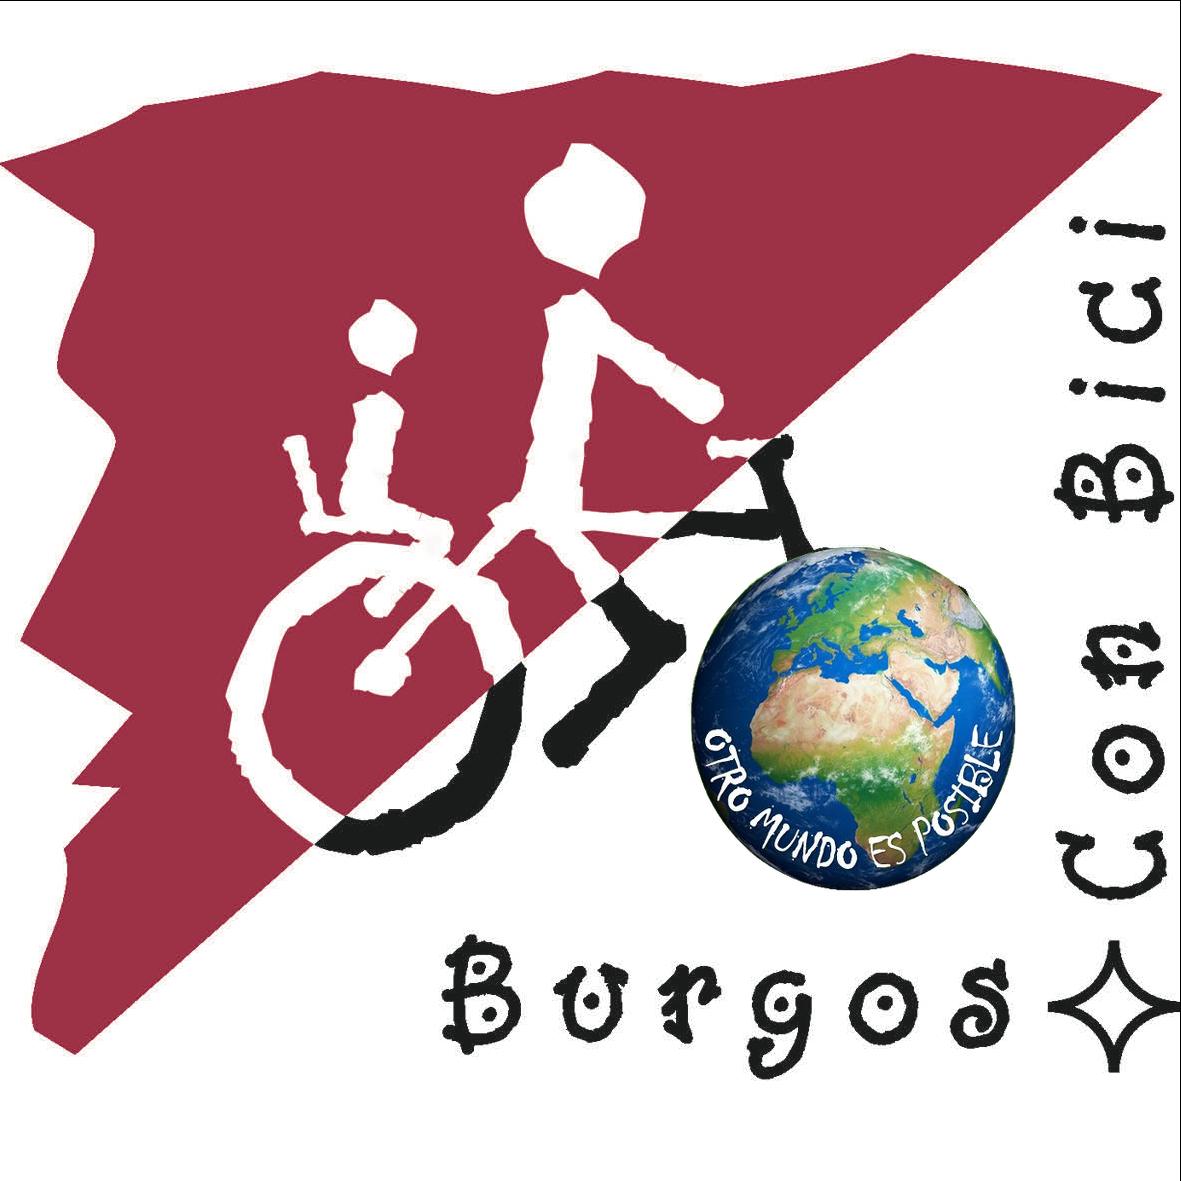 logotipo BCB con logo Otro mundo es posible en rueda delantera